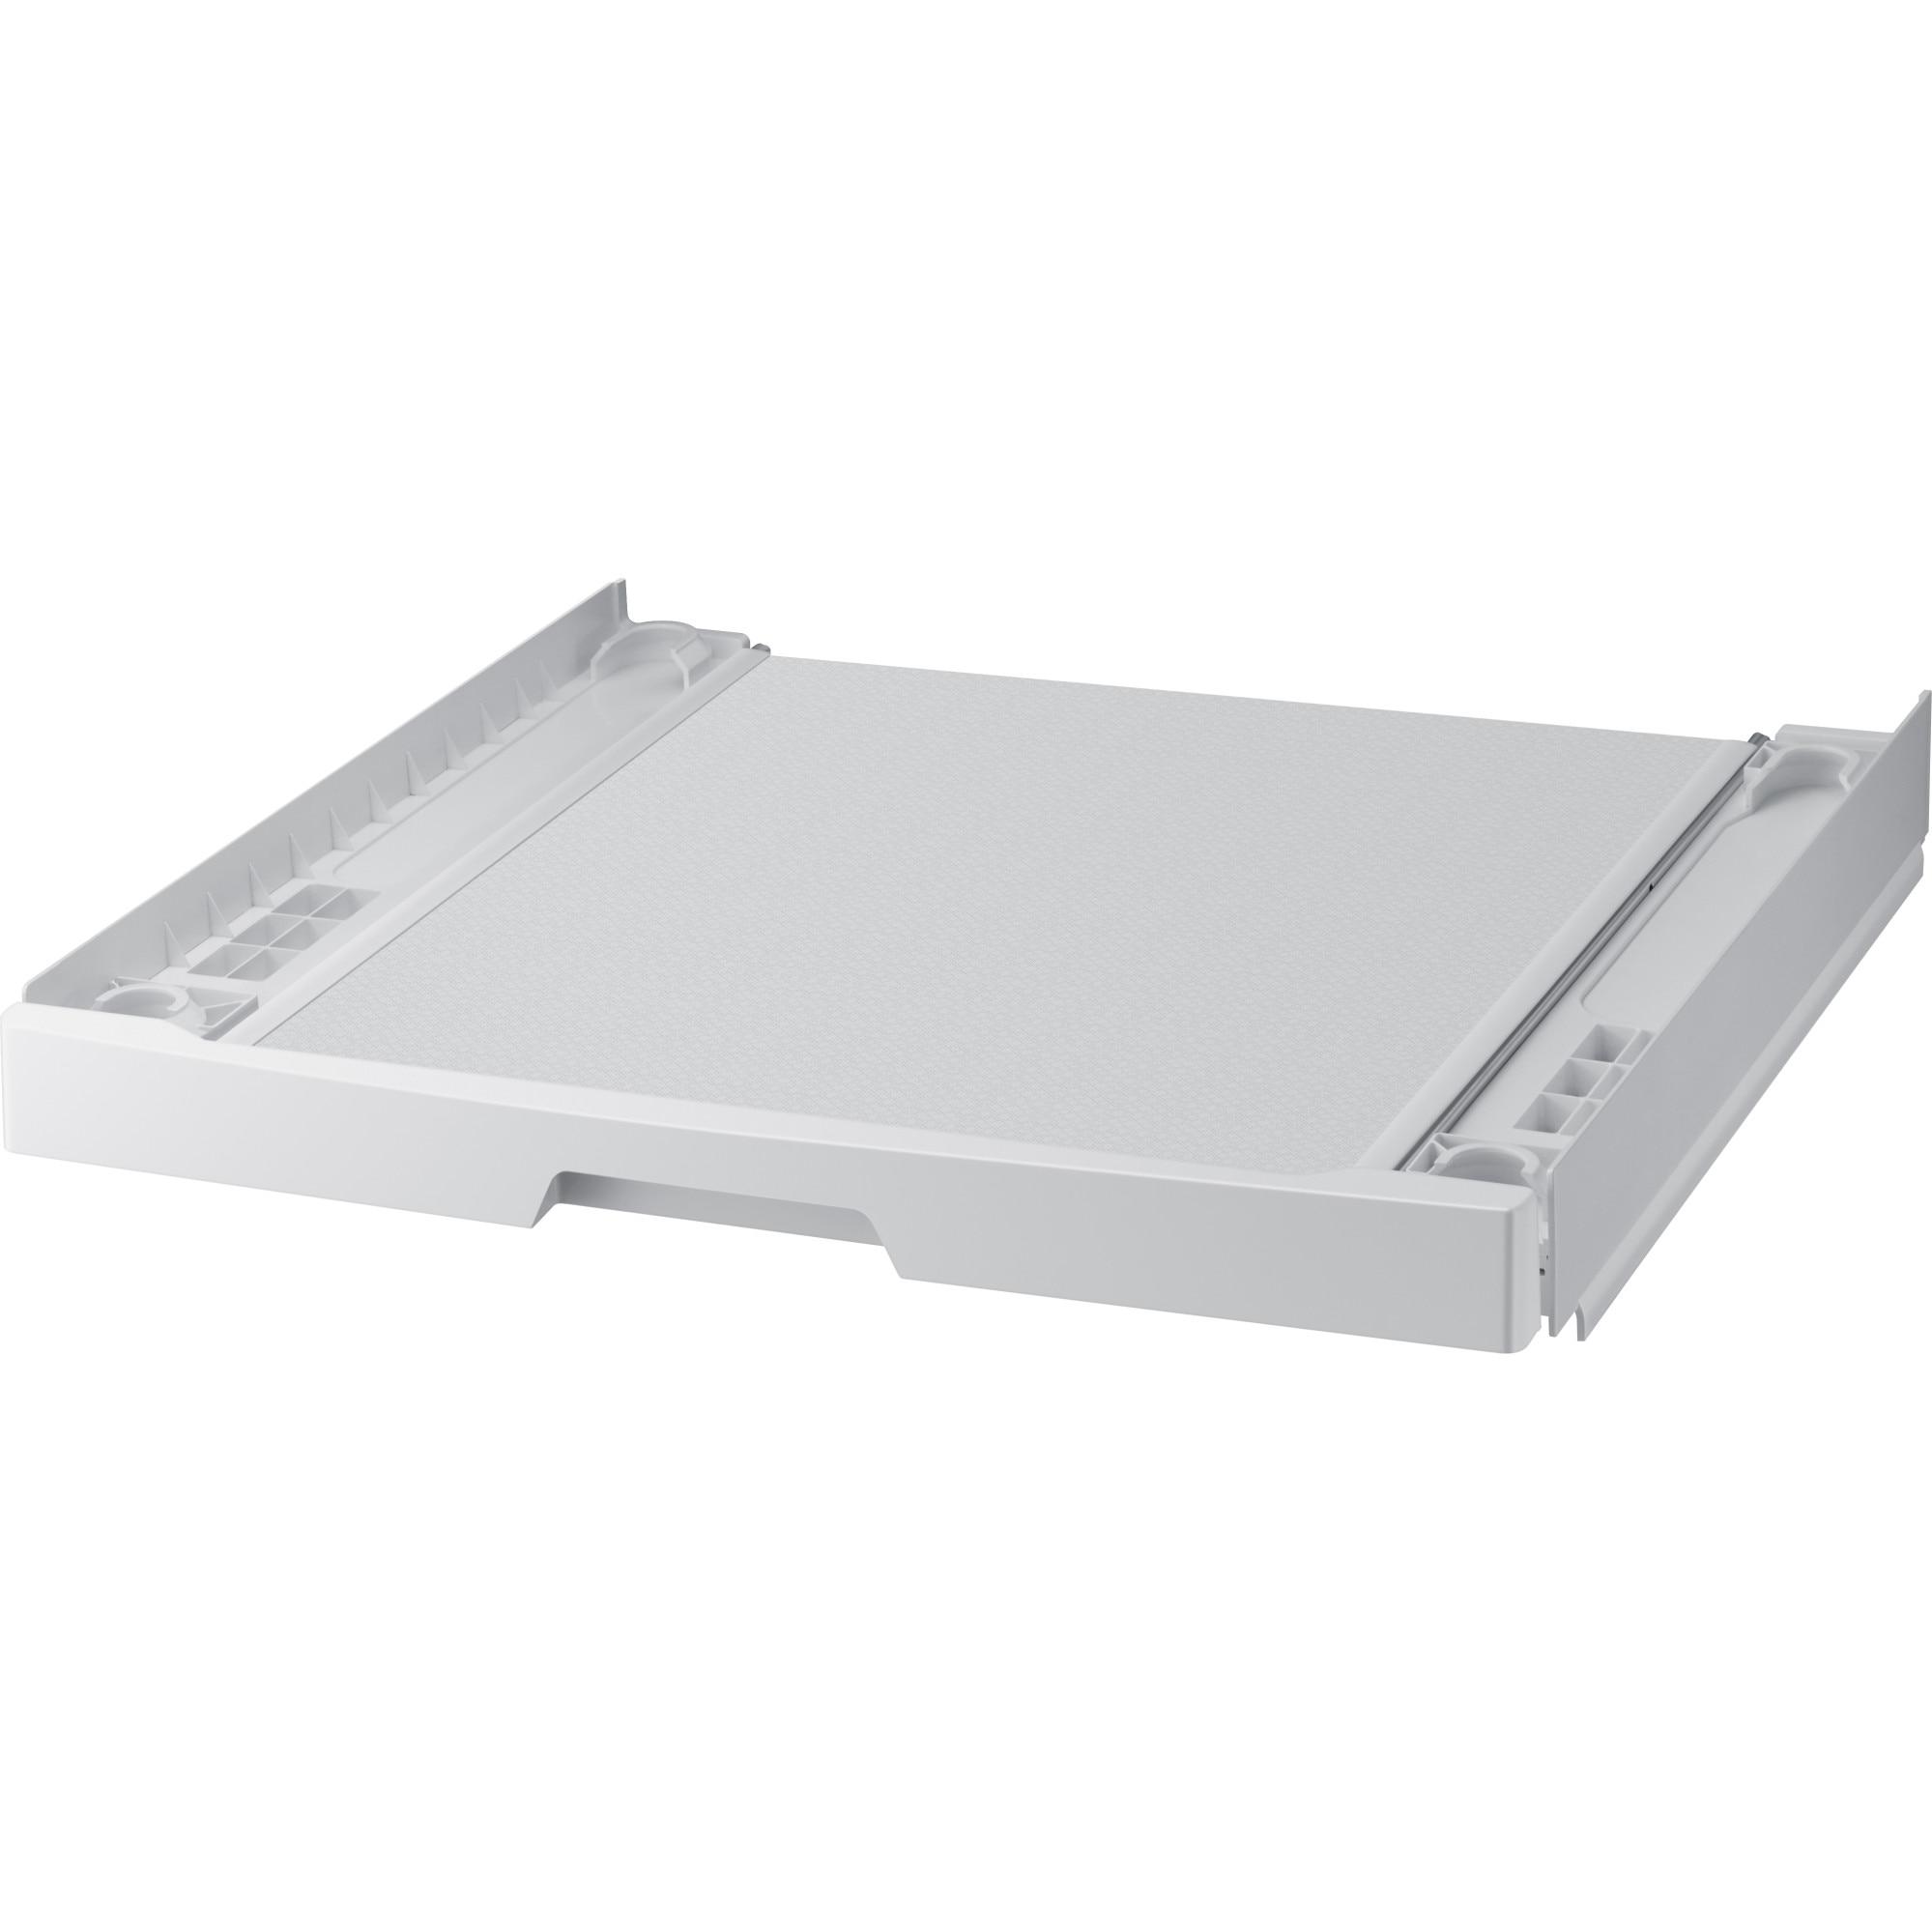 Fotografie Kit suprapunere uscator si masina de spalat Samsung SKK-UDW